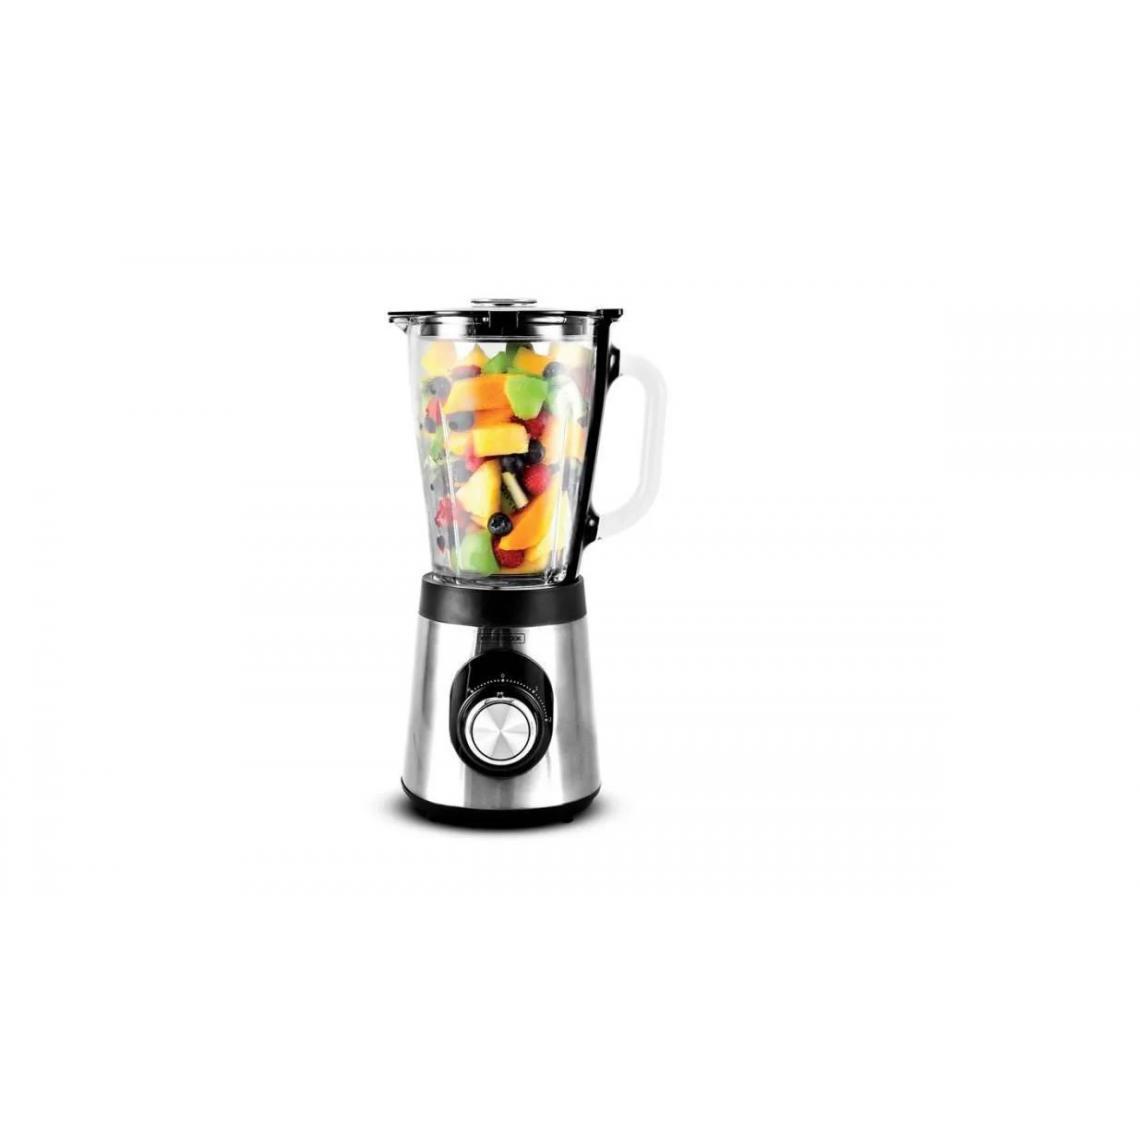 Kitchencook Blender en verre gradué 500W B9turbo - Inox